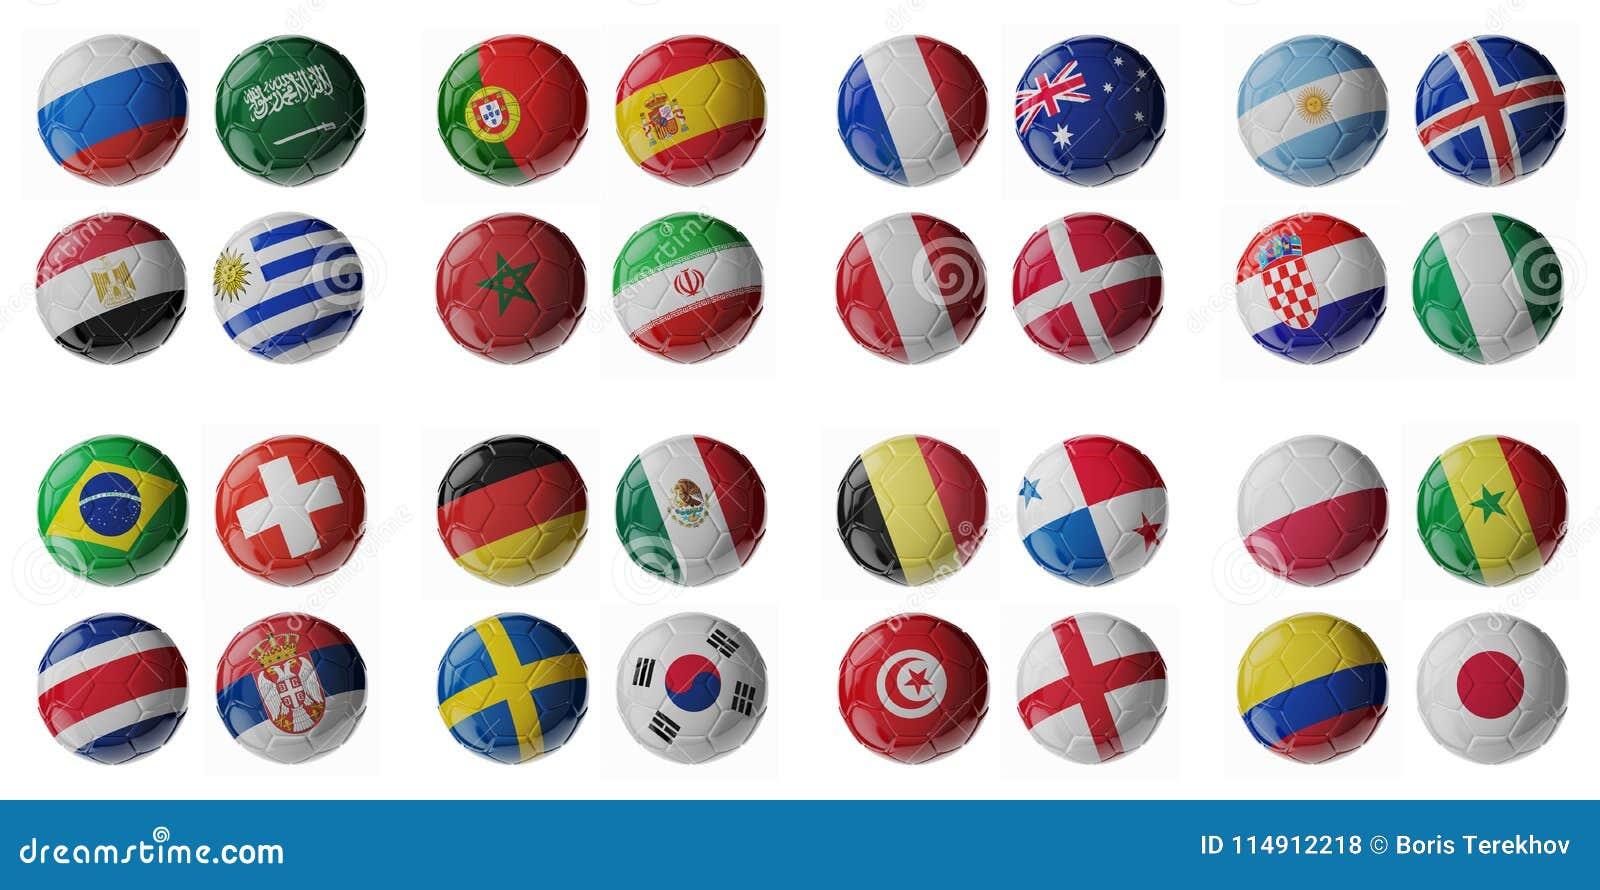 Чемпионат 2018 футбола Футбол/футбольные мячи